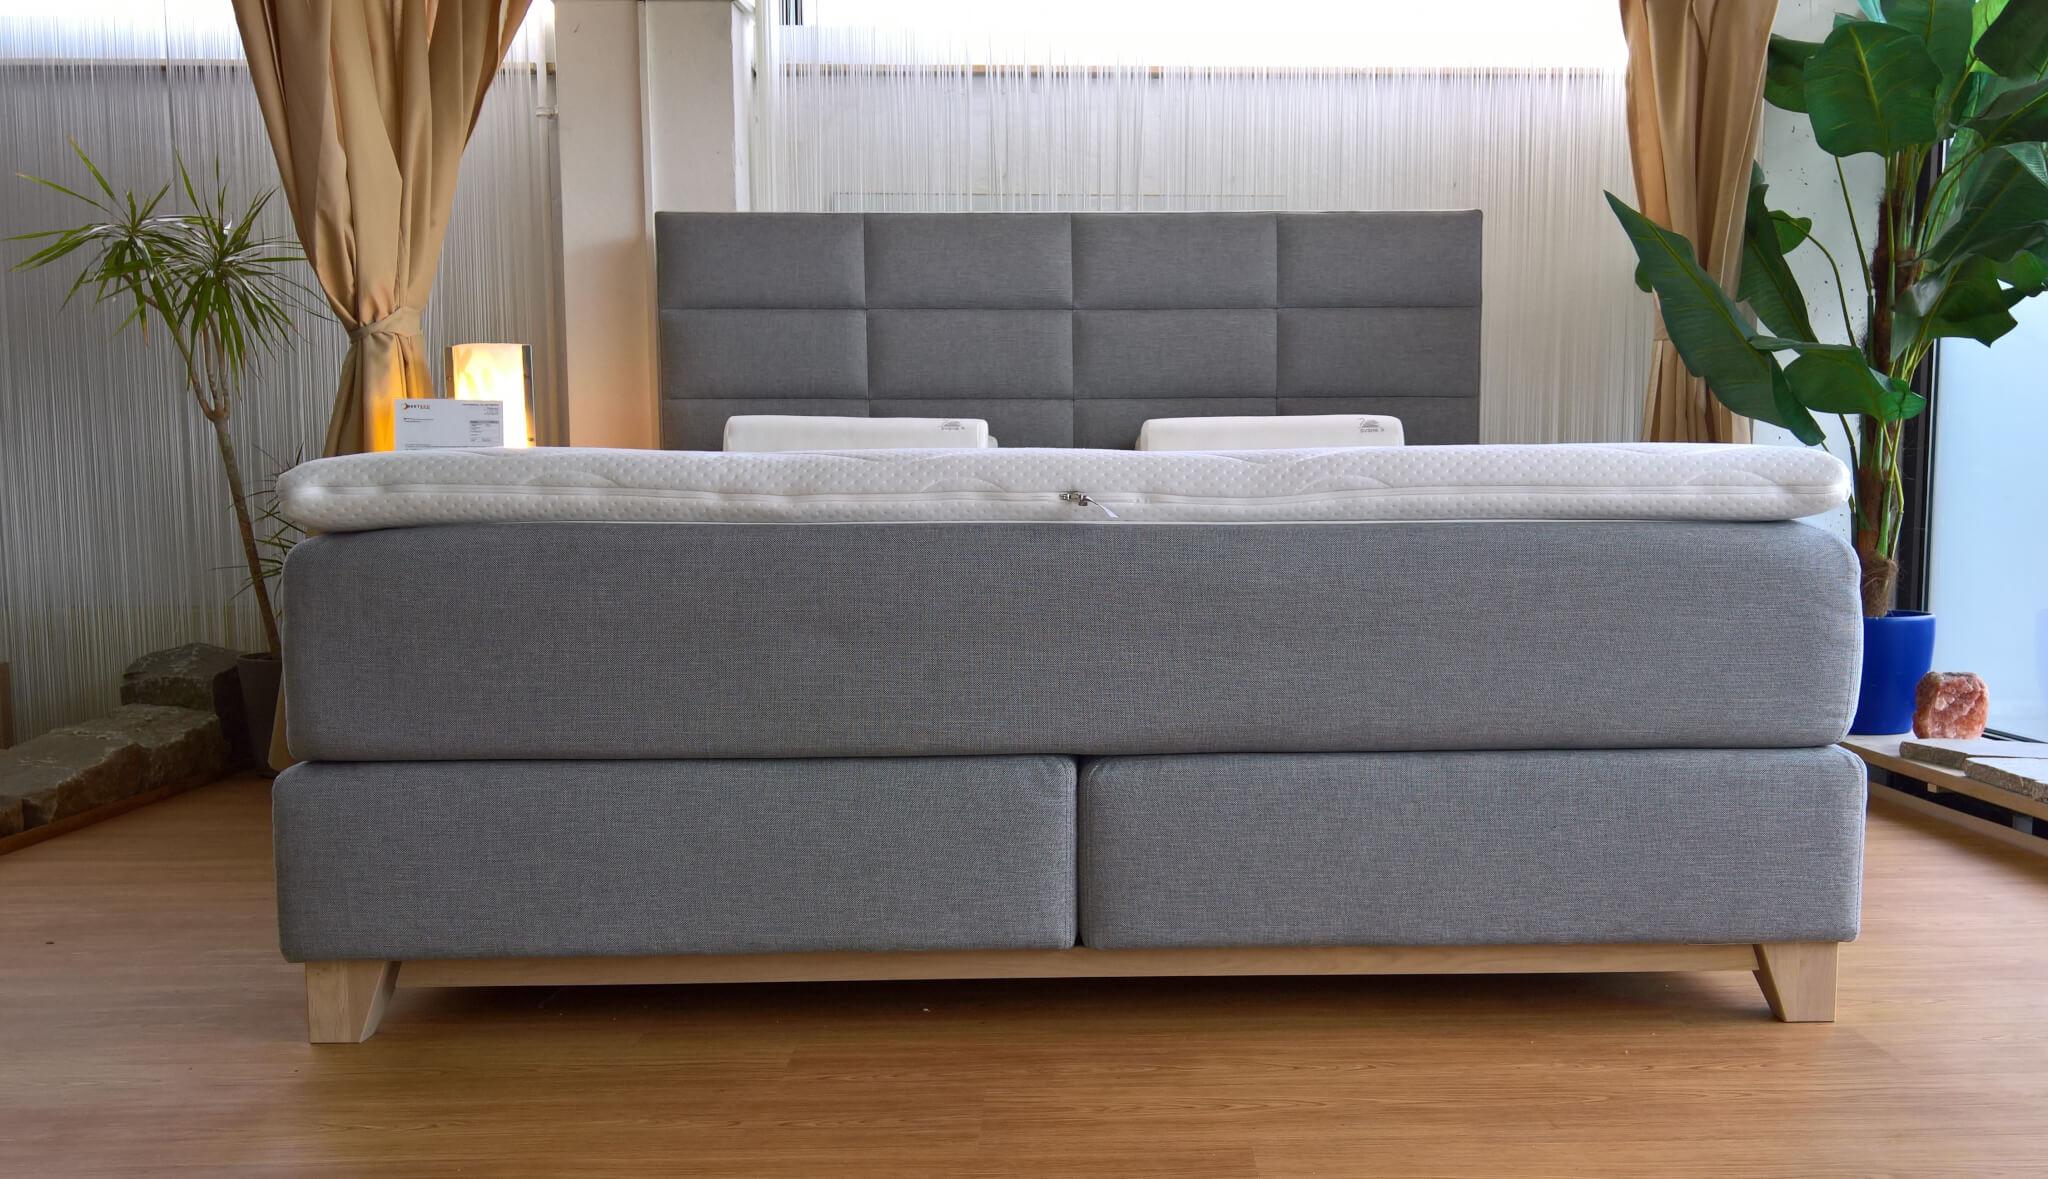 angebotsbeispiel eines svane zense boxspringbettes bestbed. Black Bedroom Furniture Sets. Home Design Ideas